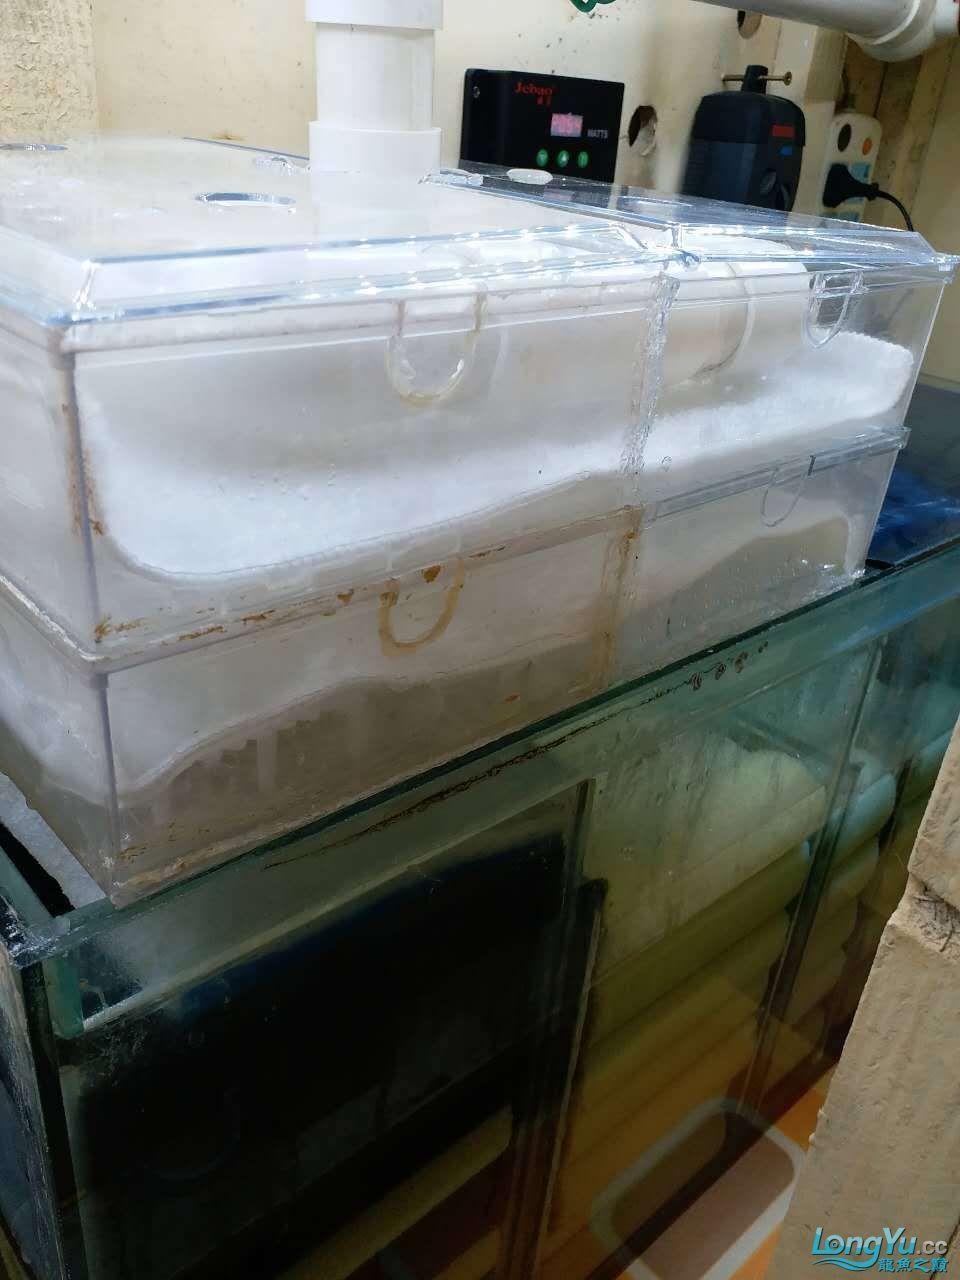 我这滴滤盒是自己拼成一起的 没买的合适大小的